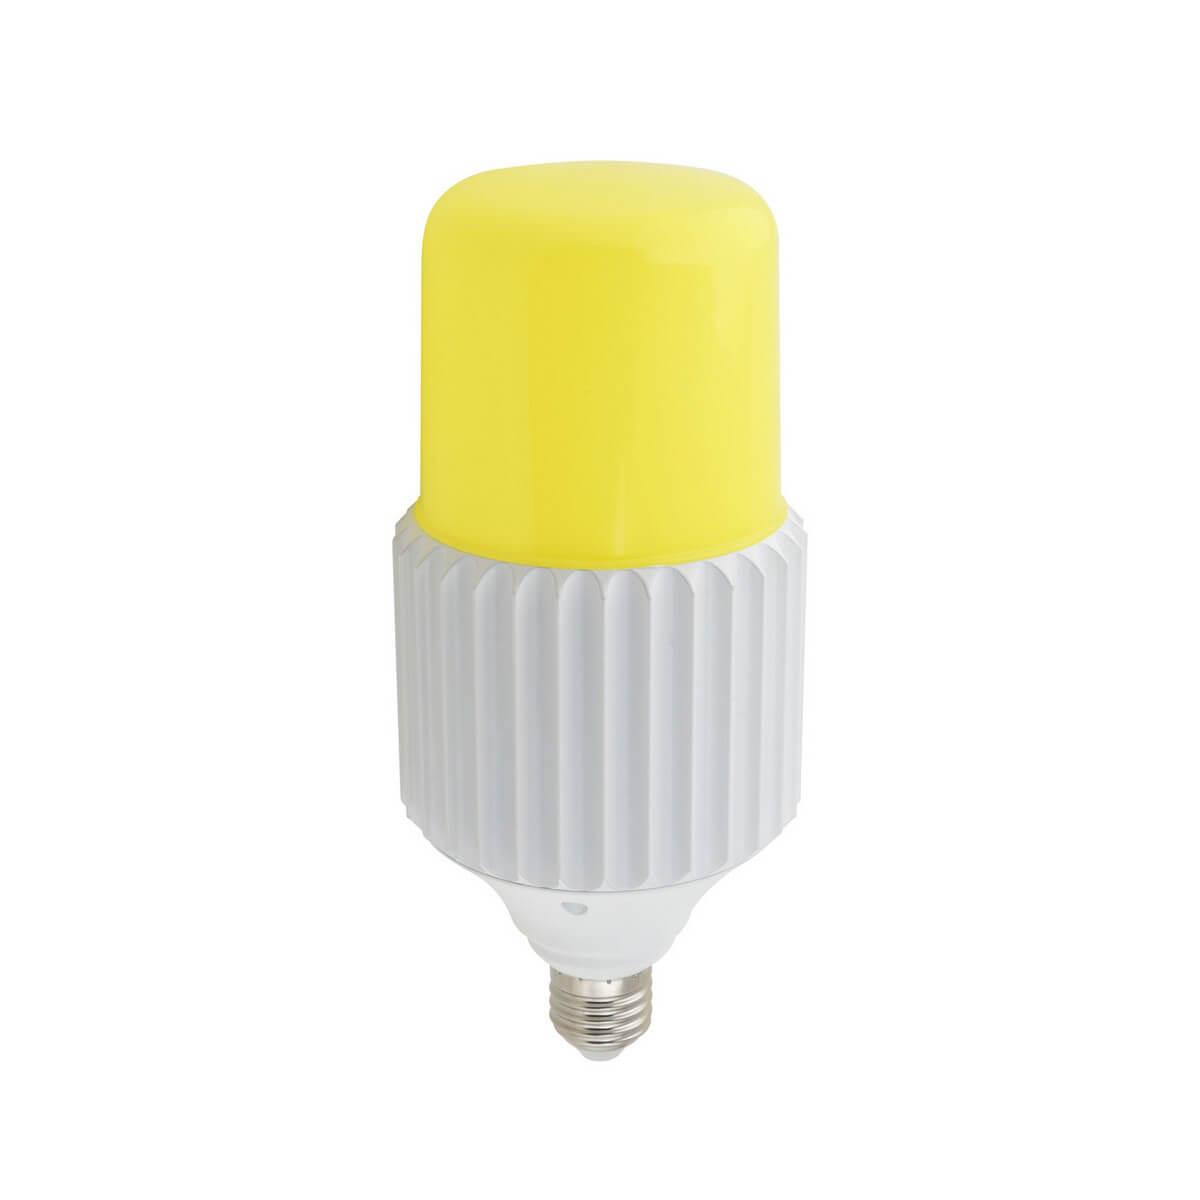 все цены на Лампа светодиодная сверхмощная (UL-00004064) Uniel E27 50W 4000K желтая LED-MP200-50W/4000K/E27/PH ALP06WH онлайн